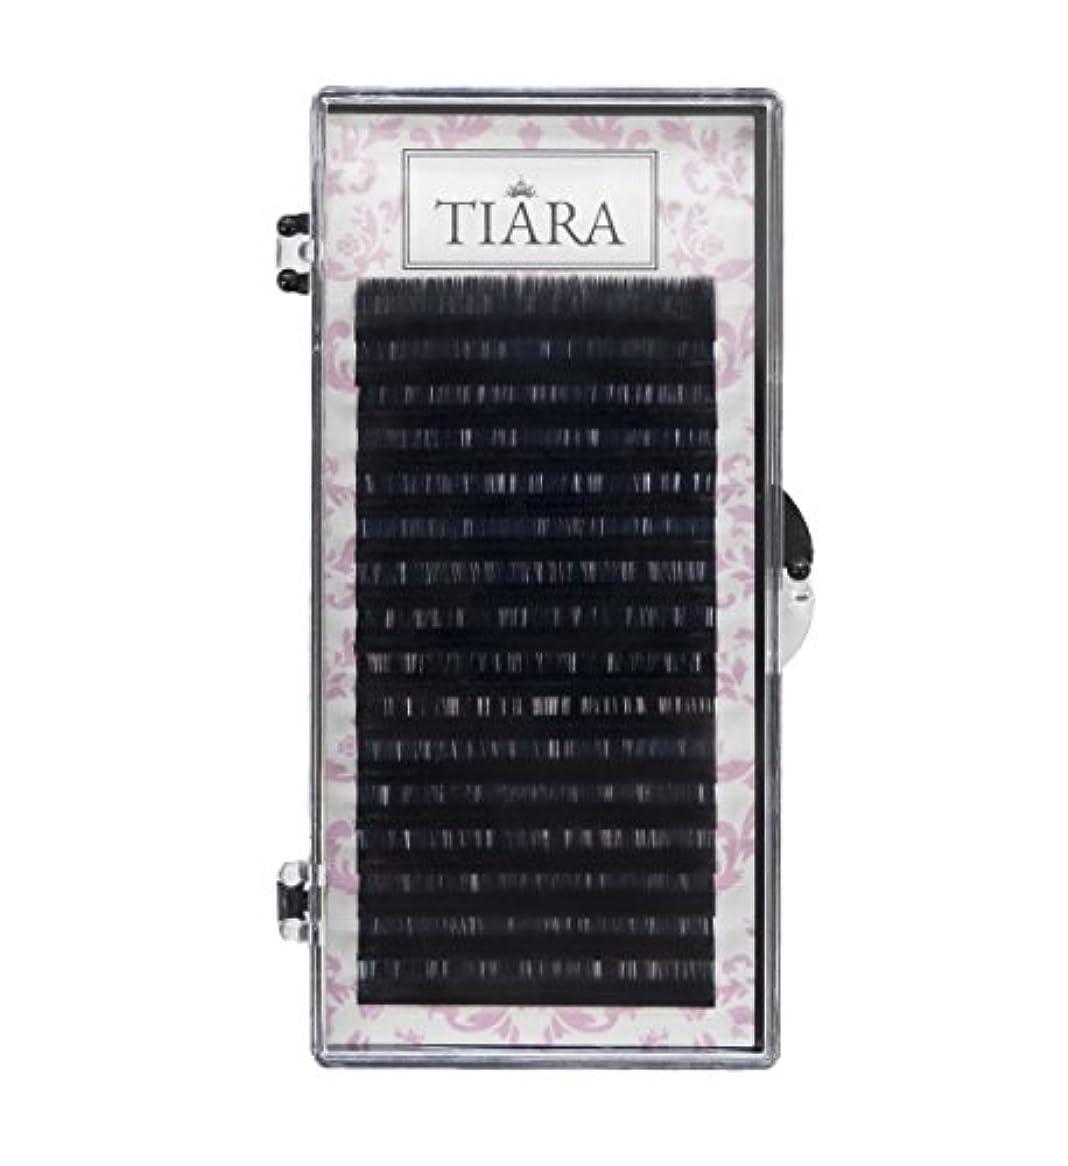 スキップ寄稿者彼らのTIARA(ティアラ) まつエク商材 ボリュームラッシュ LDカール 11mm(0.05mm)